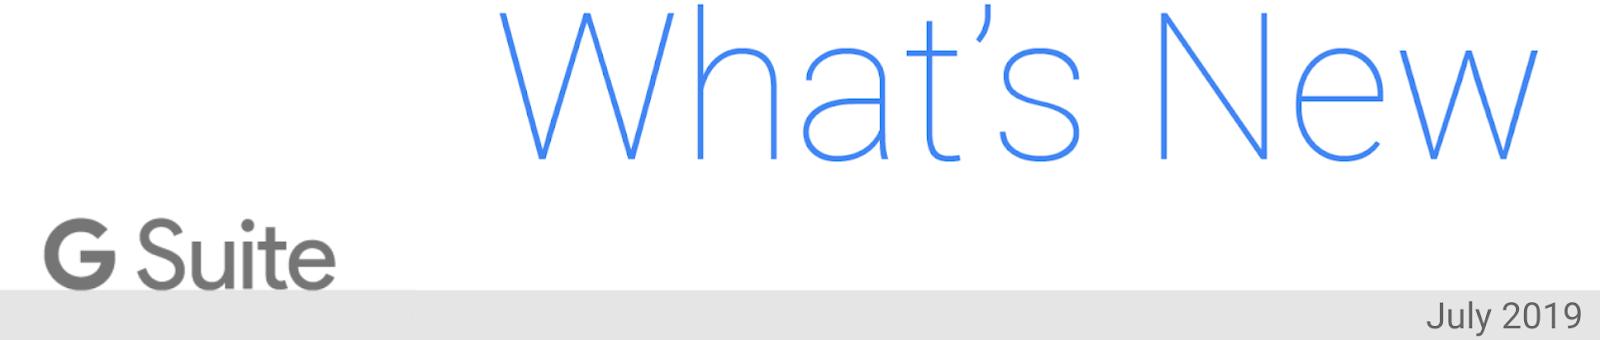 G Suite Updates Blog